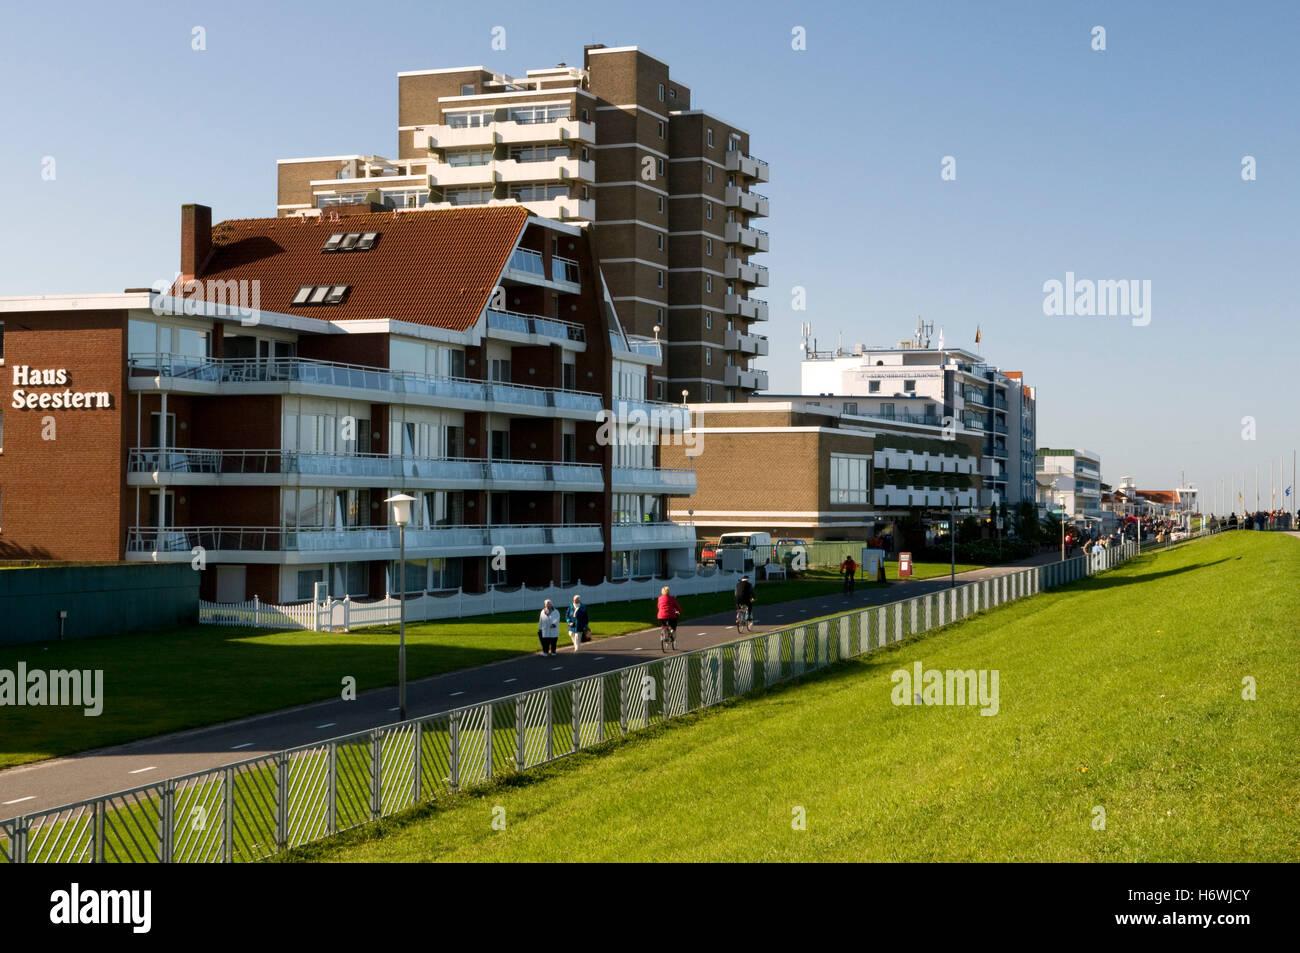 Seestern Stockfotos & Seestern Bilder Alamy